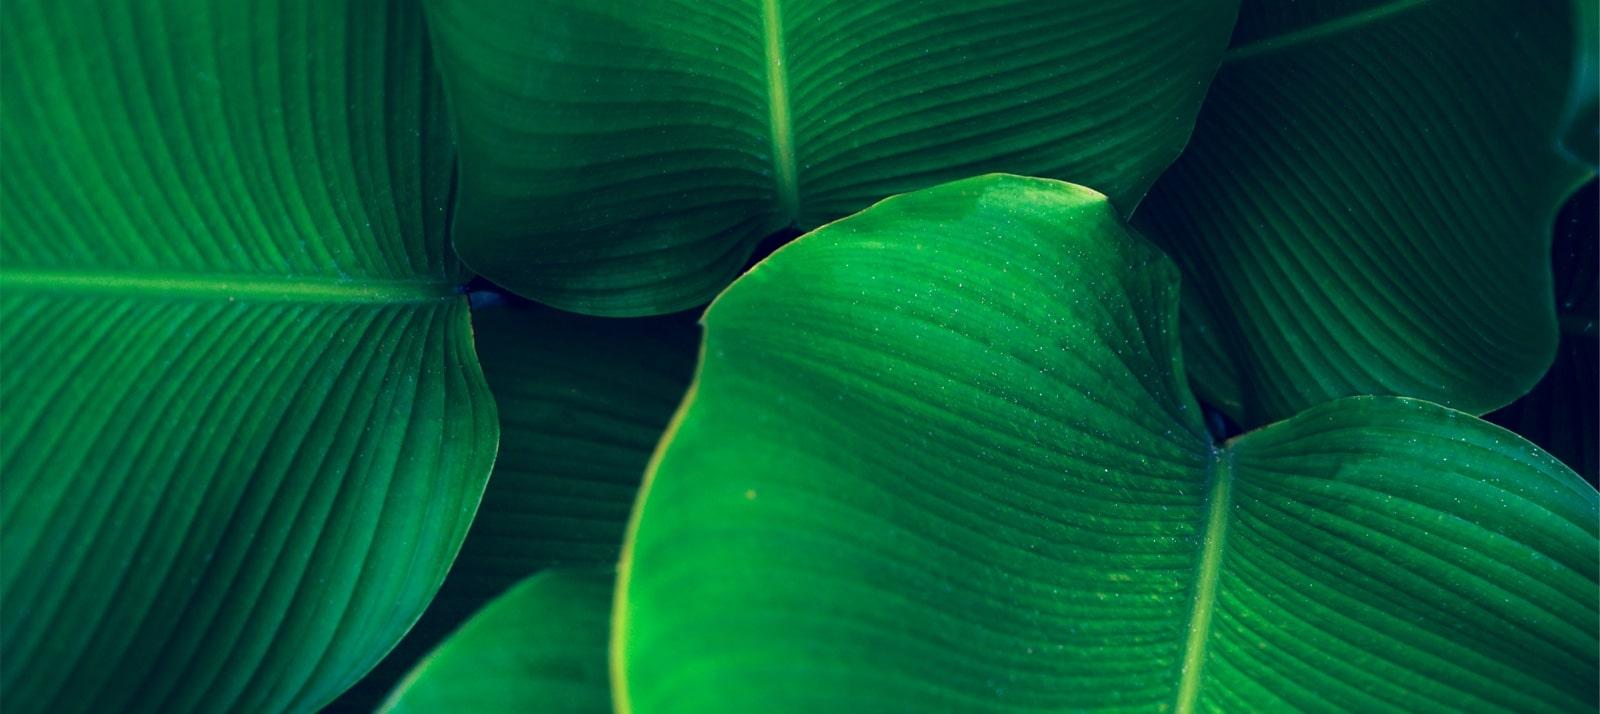 EnergyGO - Energía 100% verde para pagar menos en tu factura de la luz